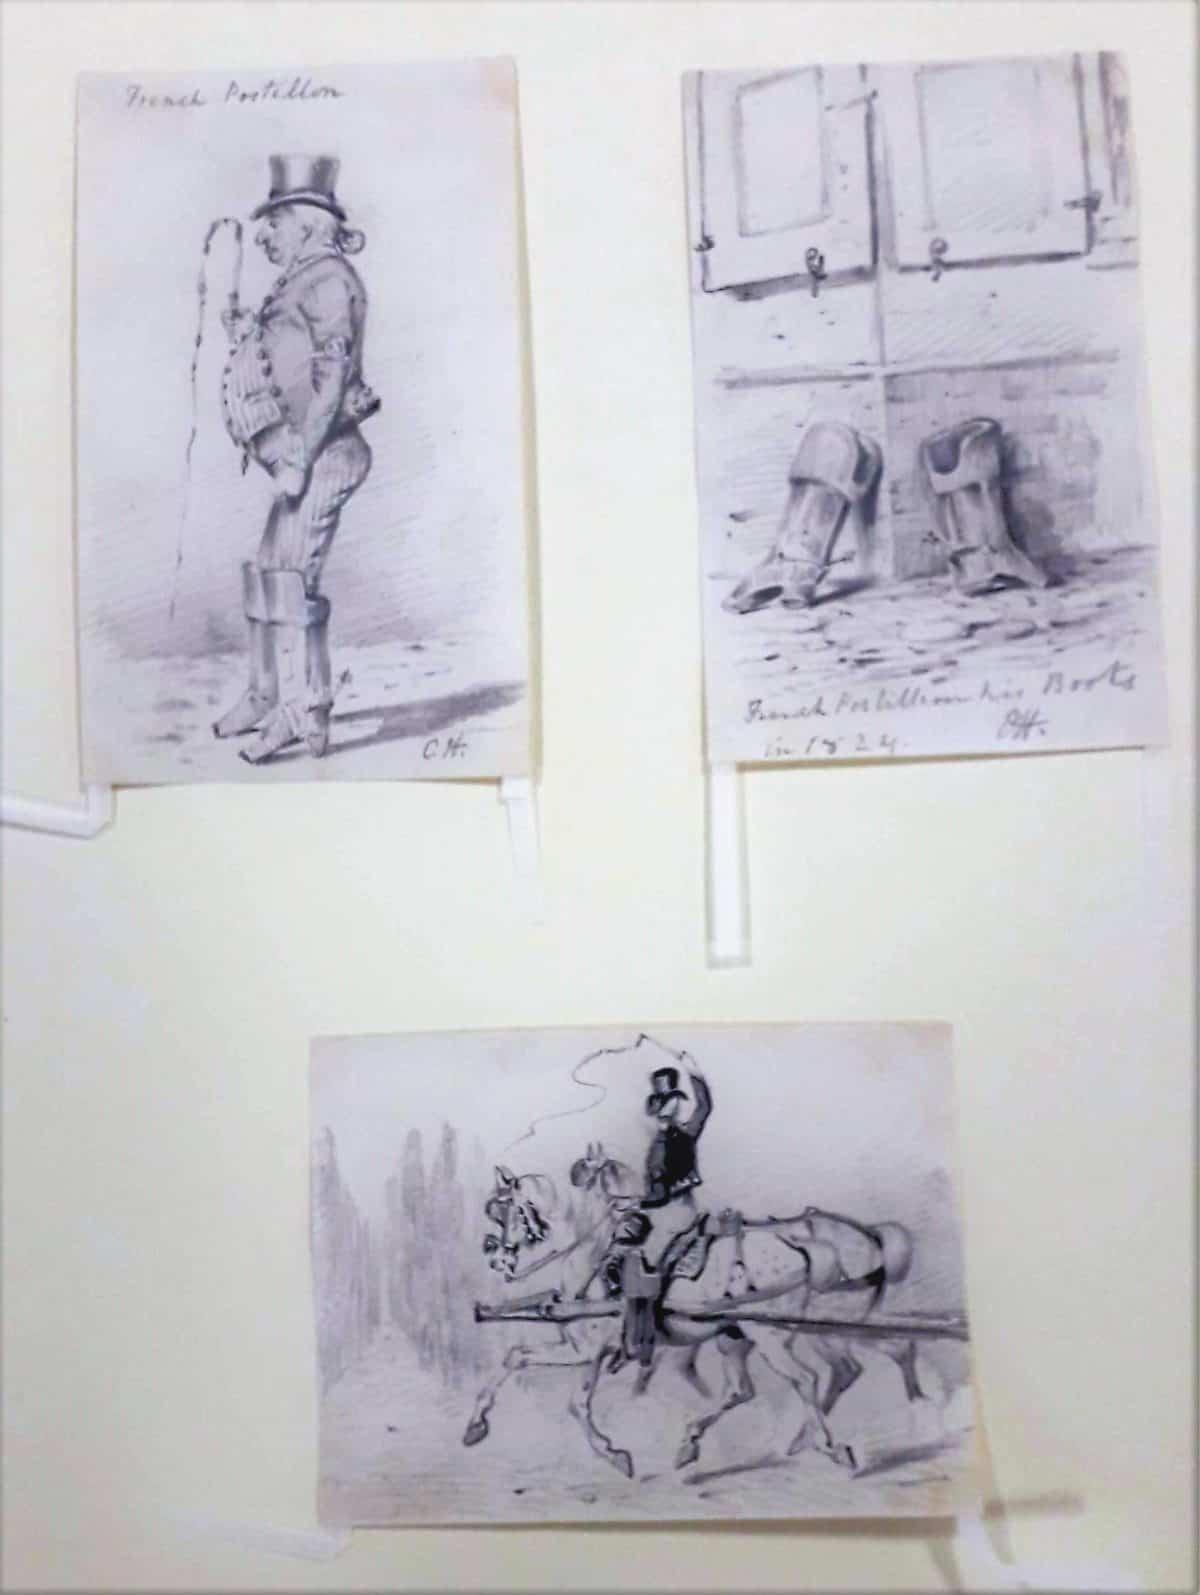 Master 12 144 - HENDERSON, Charles Cooper - French Postillion